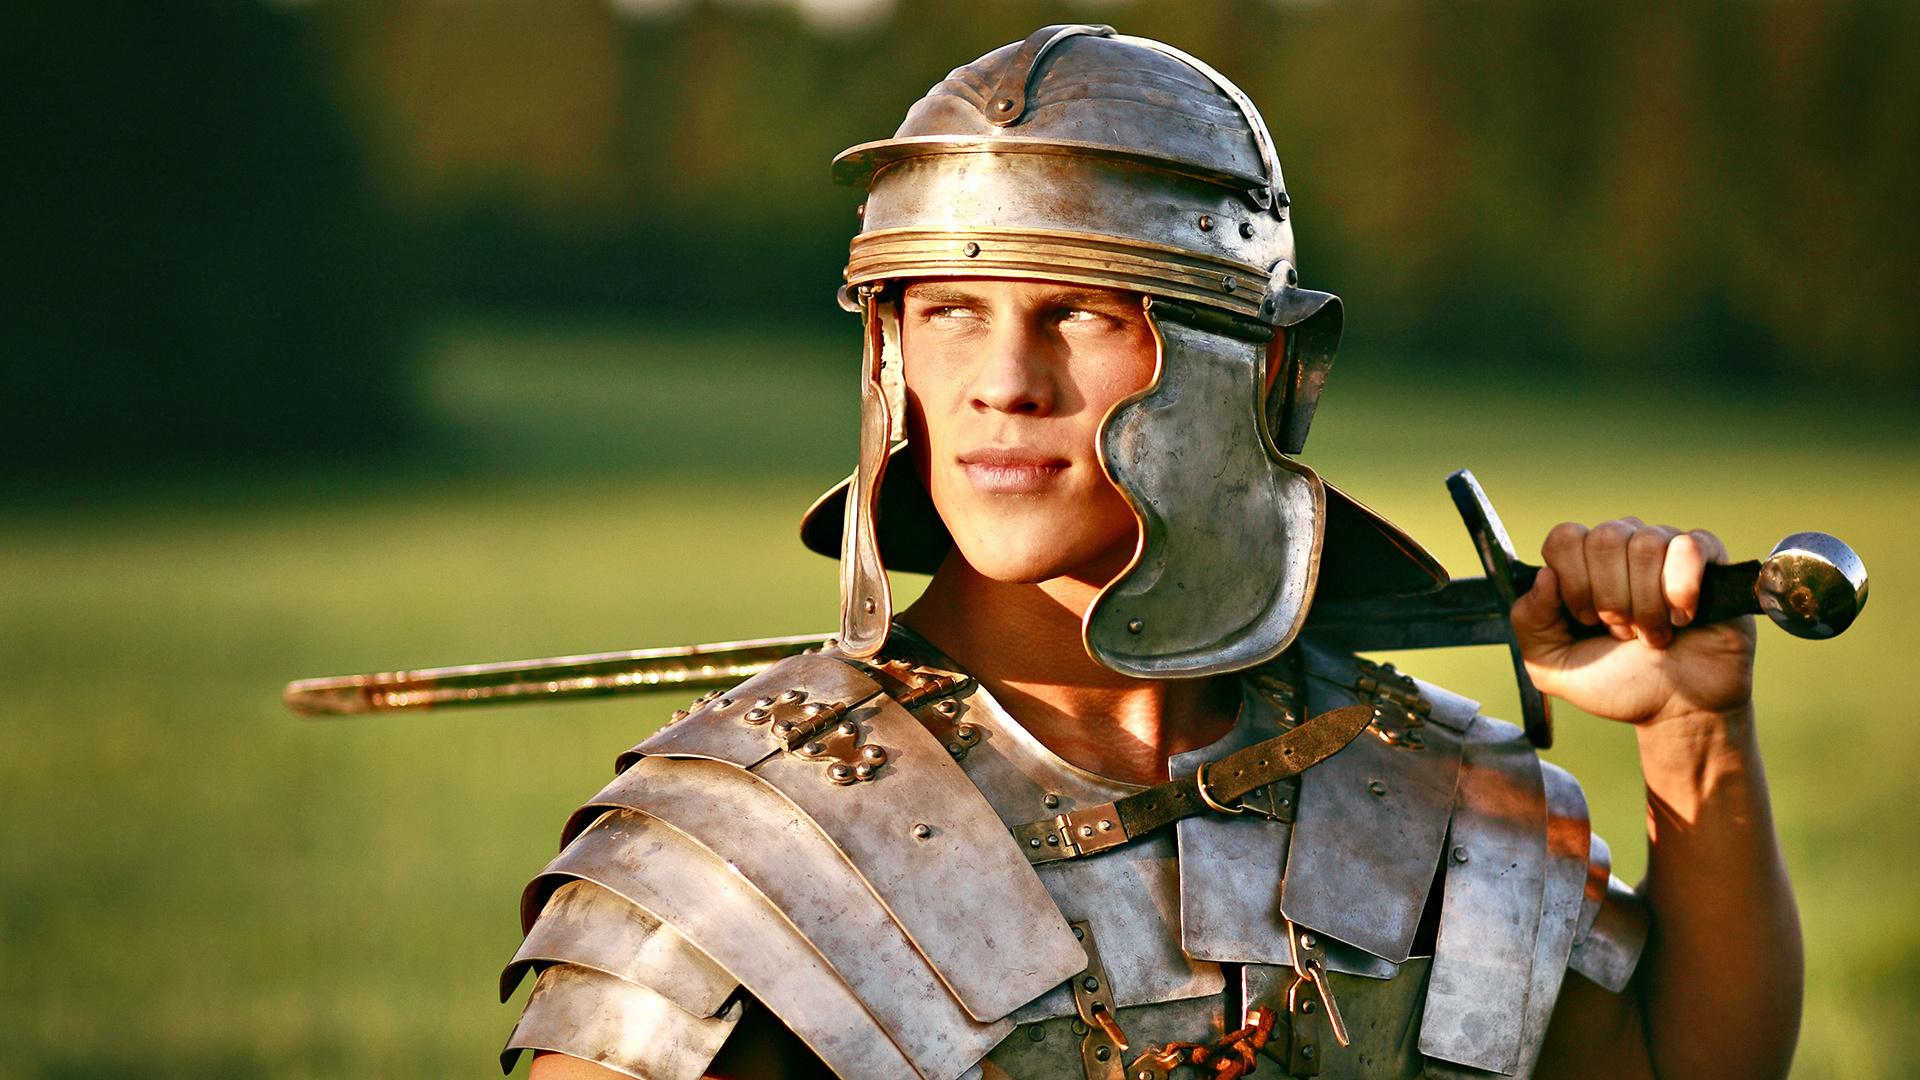 Фото воинов с мечами дэвис работает